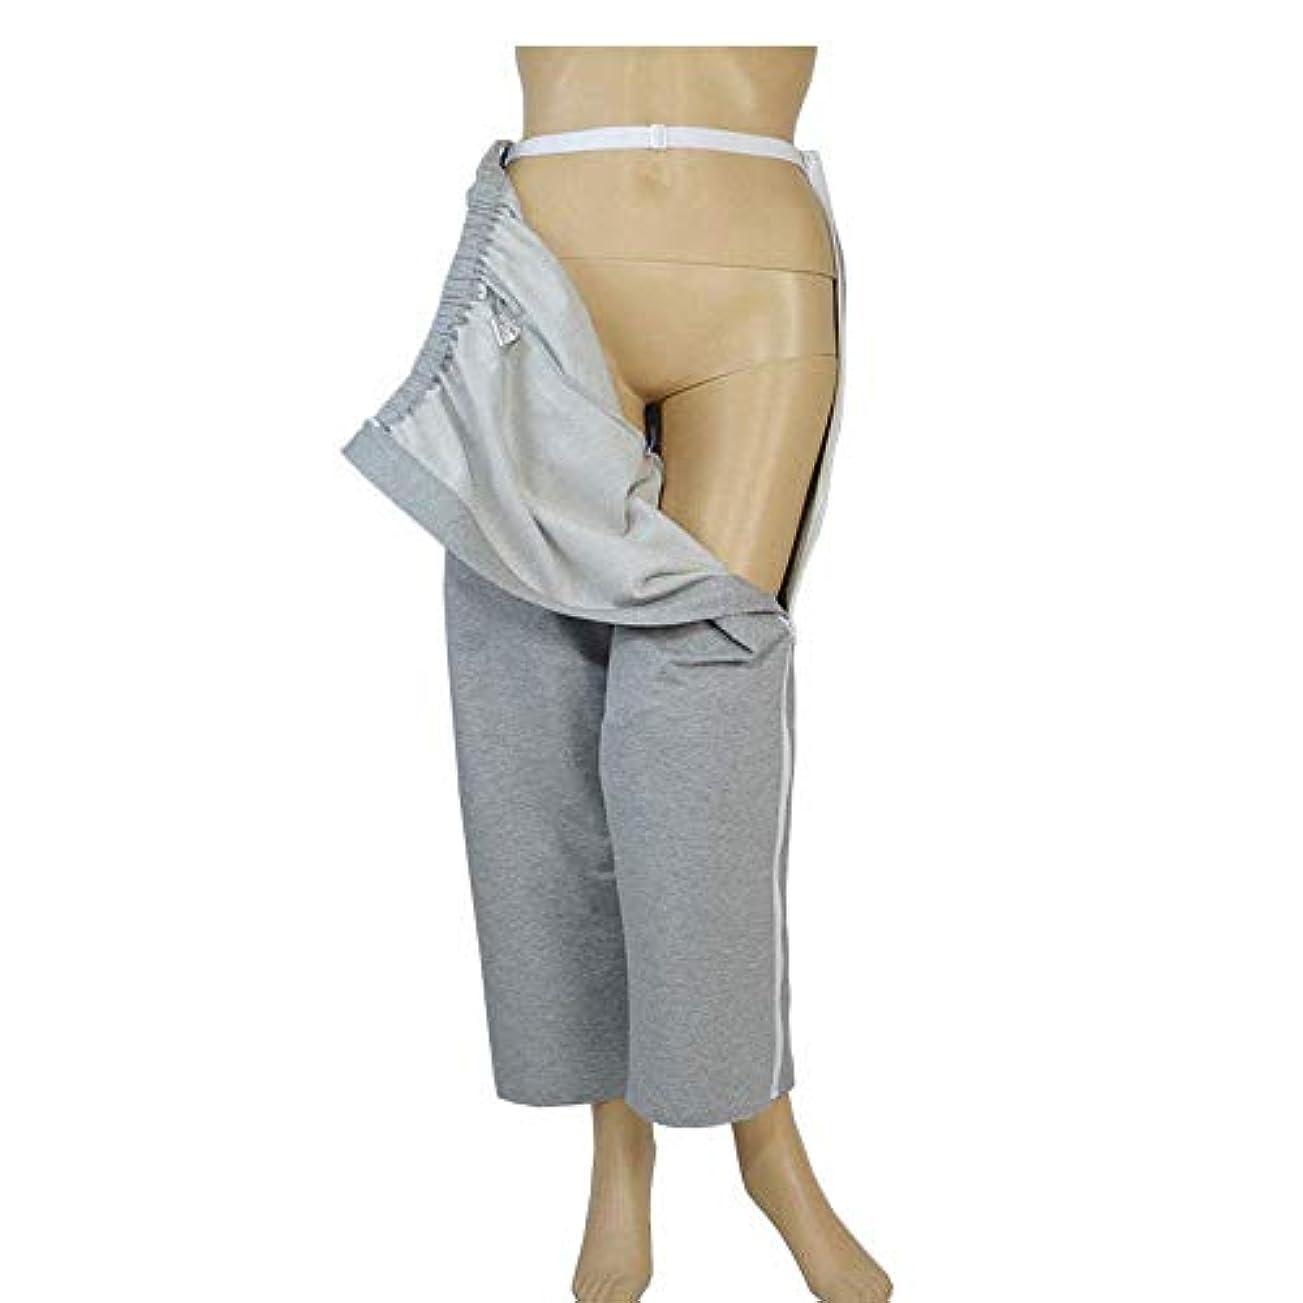 廃止する二度リネン患者用パンツ患者ケア服、着用と脱着が容易、病院/在宅看護支援、骨折のスーツ、寝たきりの患者/高齢者,XL